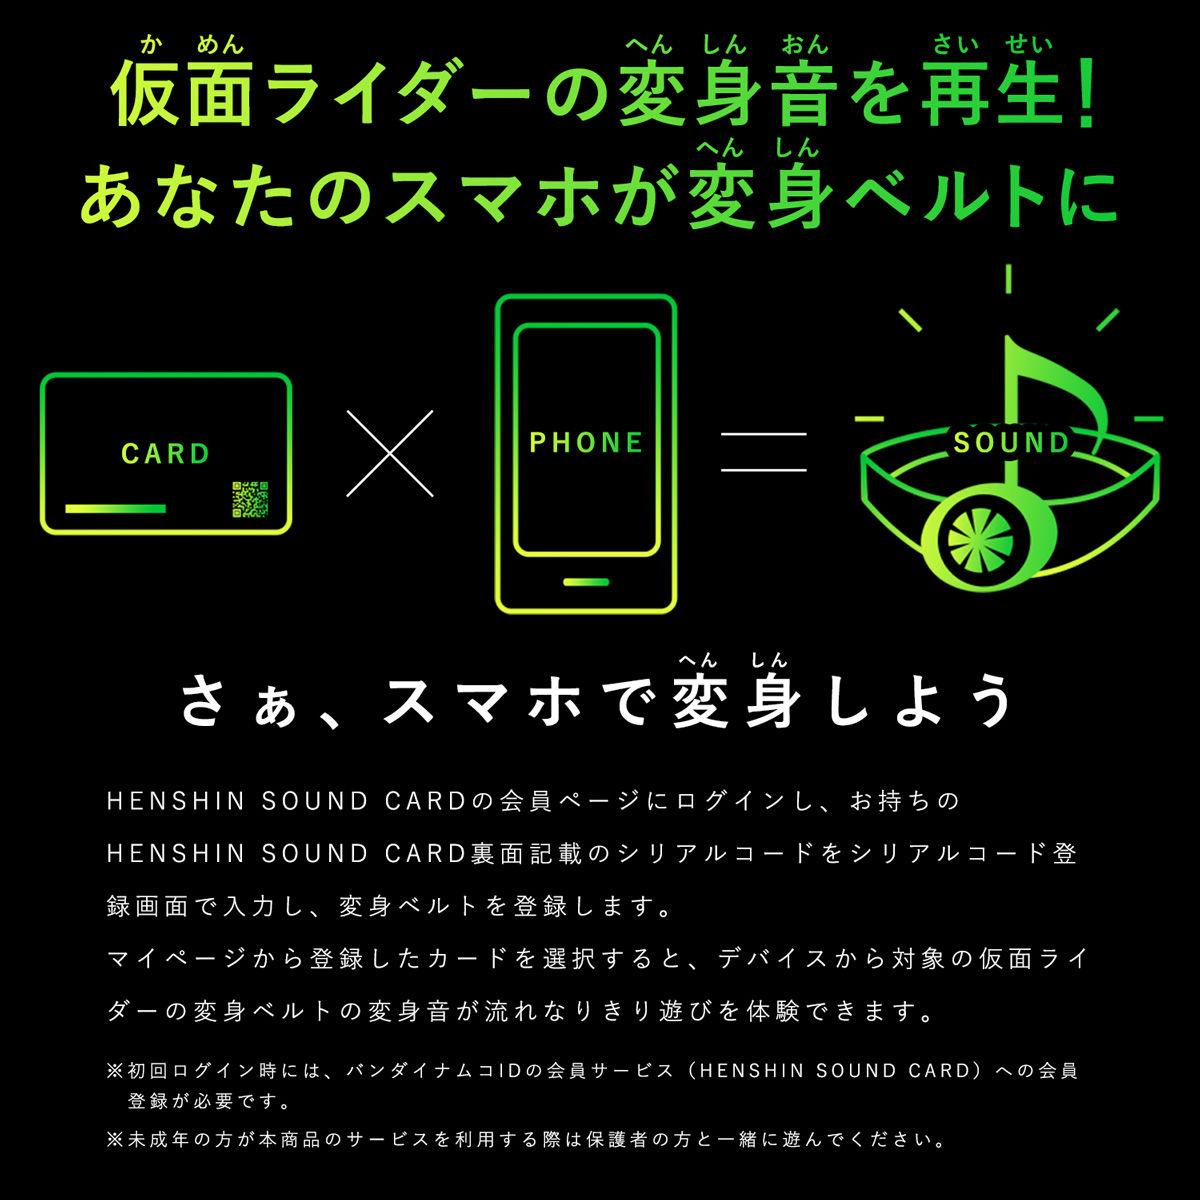 変身サウンドカードセレクション 仮面ライダーゼロツー